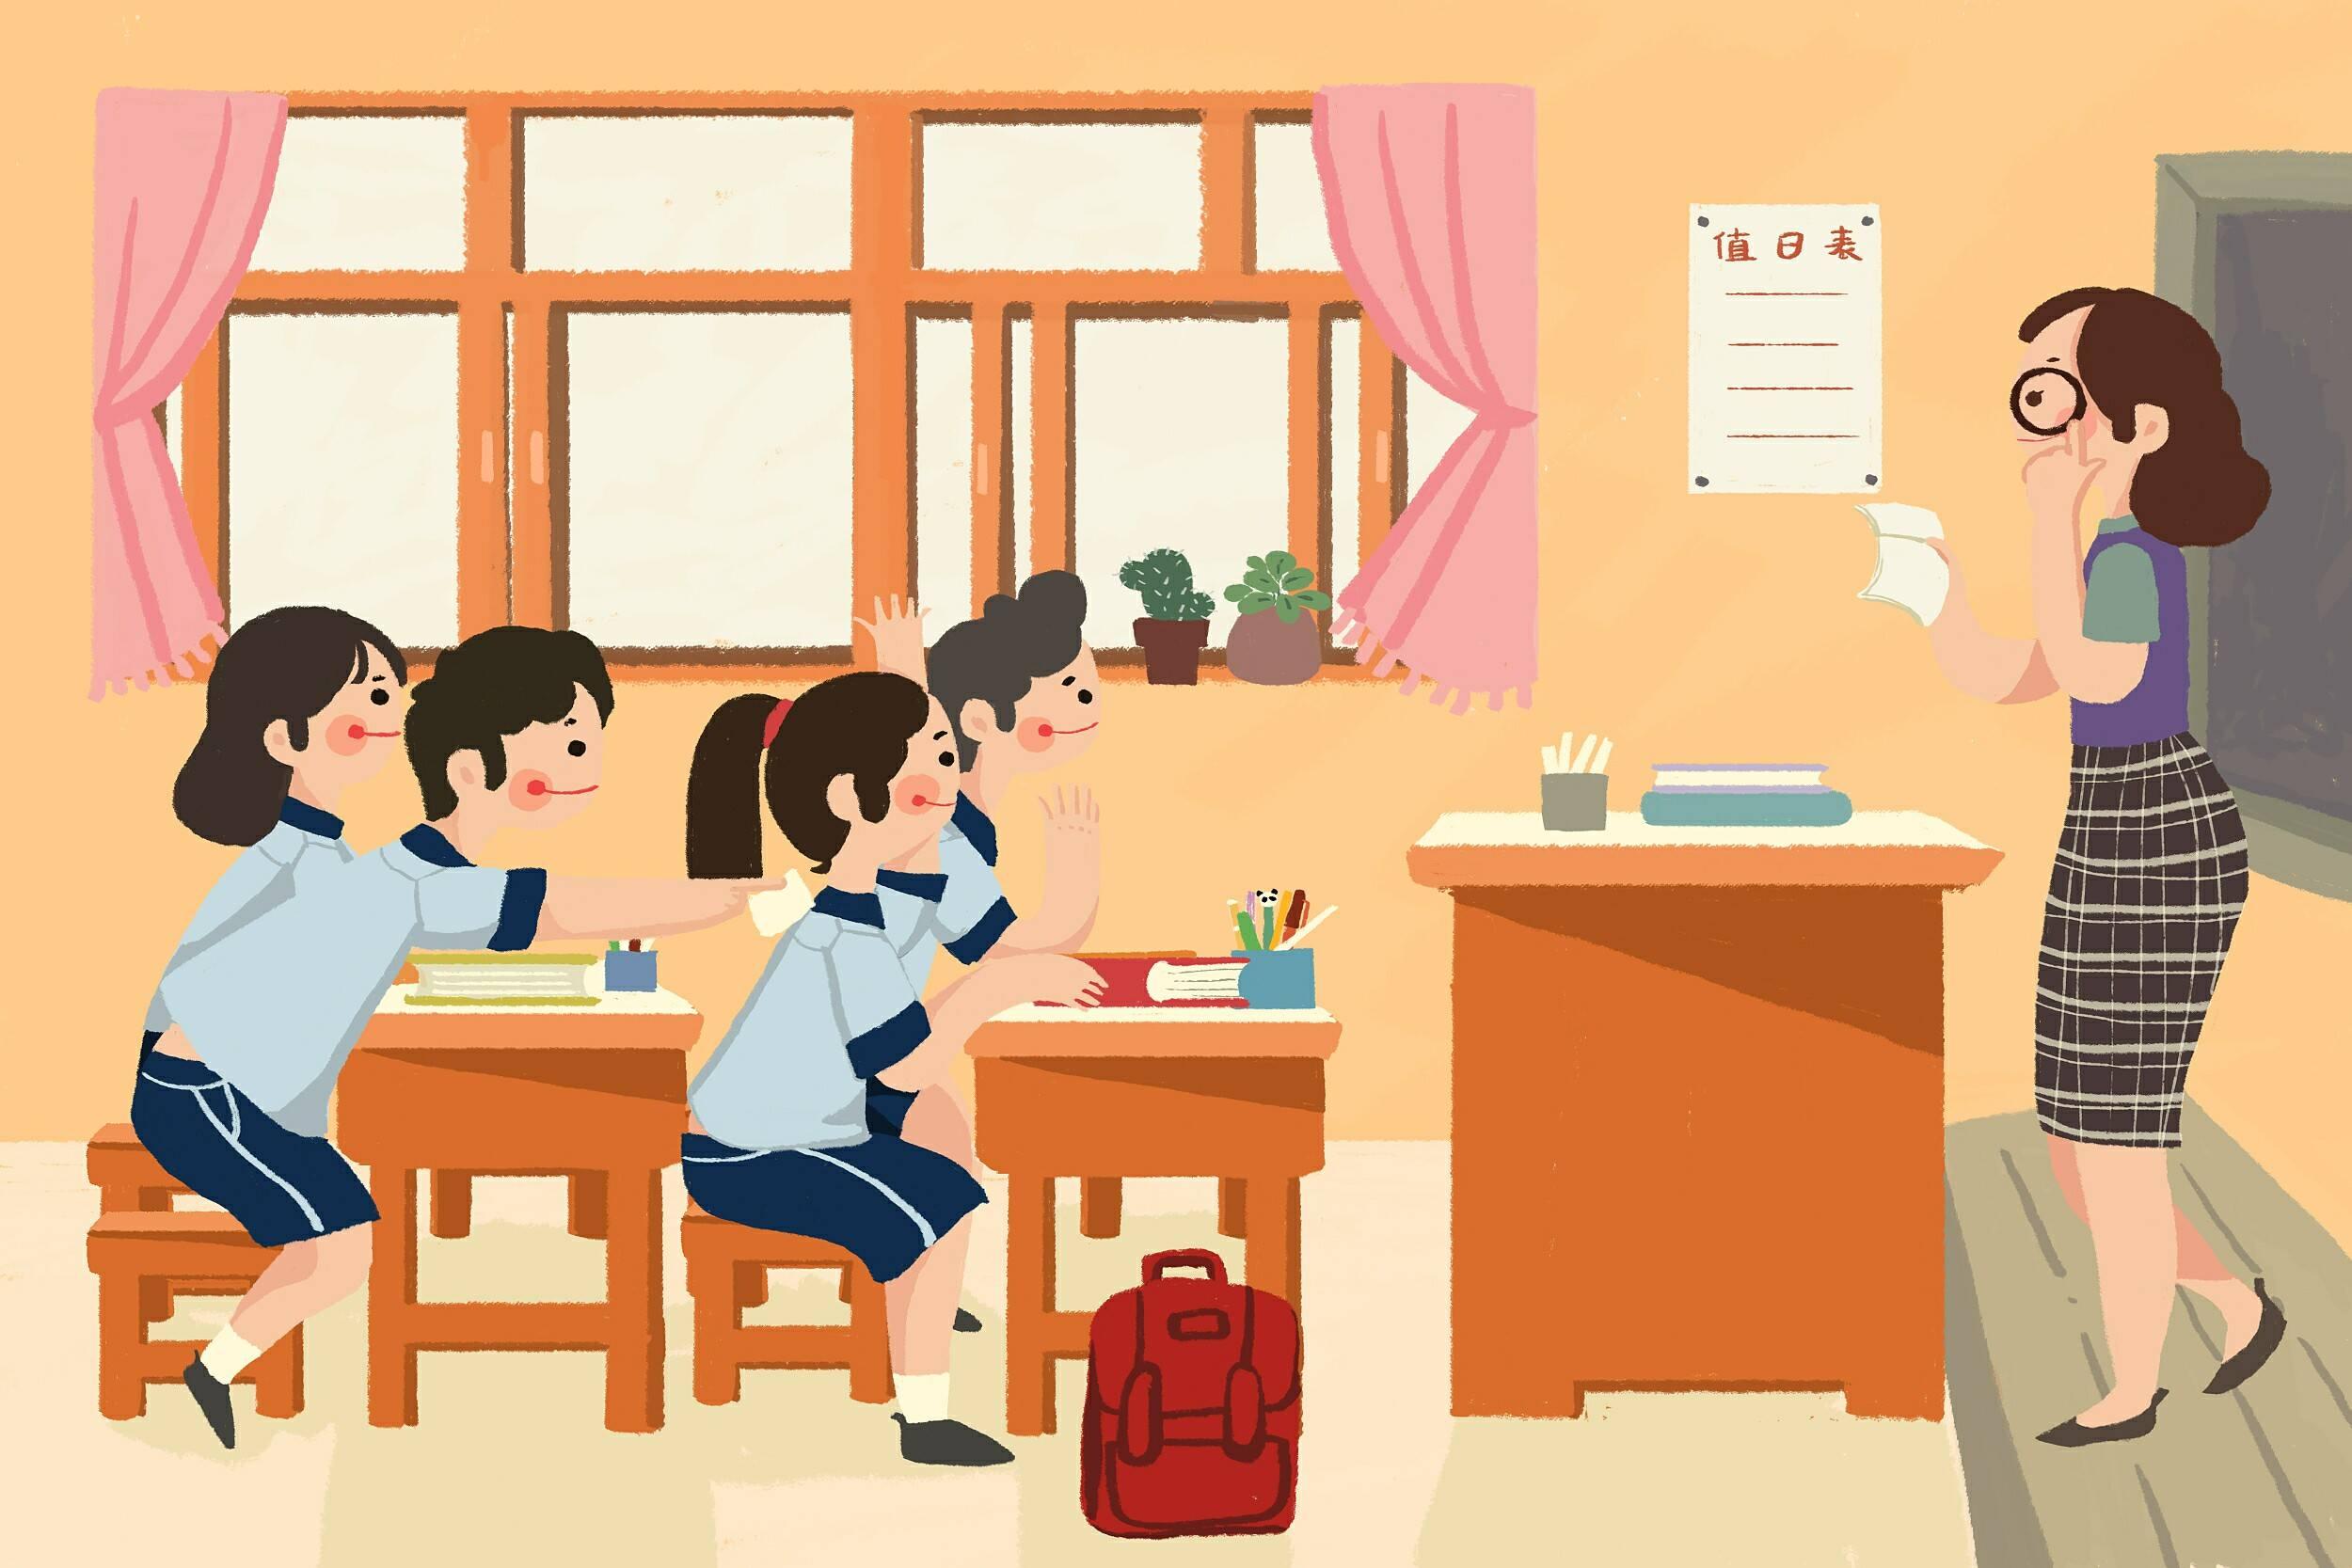 事关开学!山东省教育厅最新要求